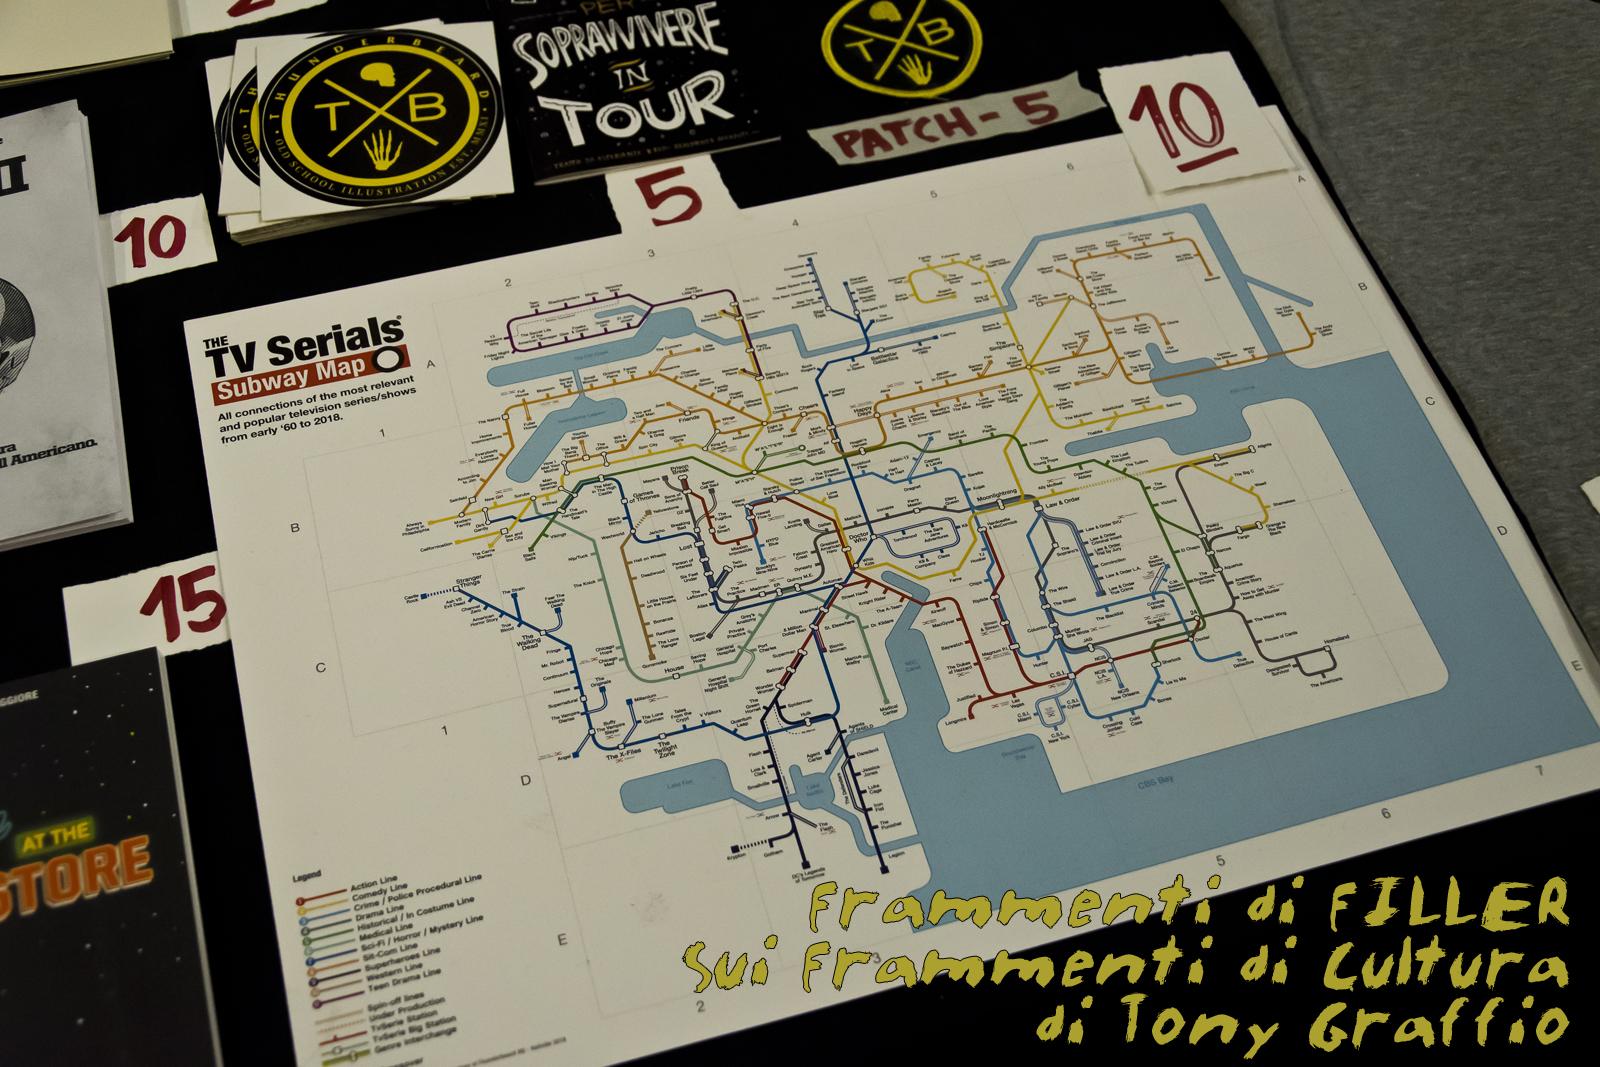 La mappa della metropolitana della città delle serie TV ideata da Dario Maggiore dei Thunderbeard.